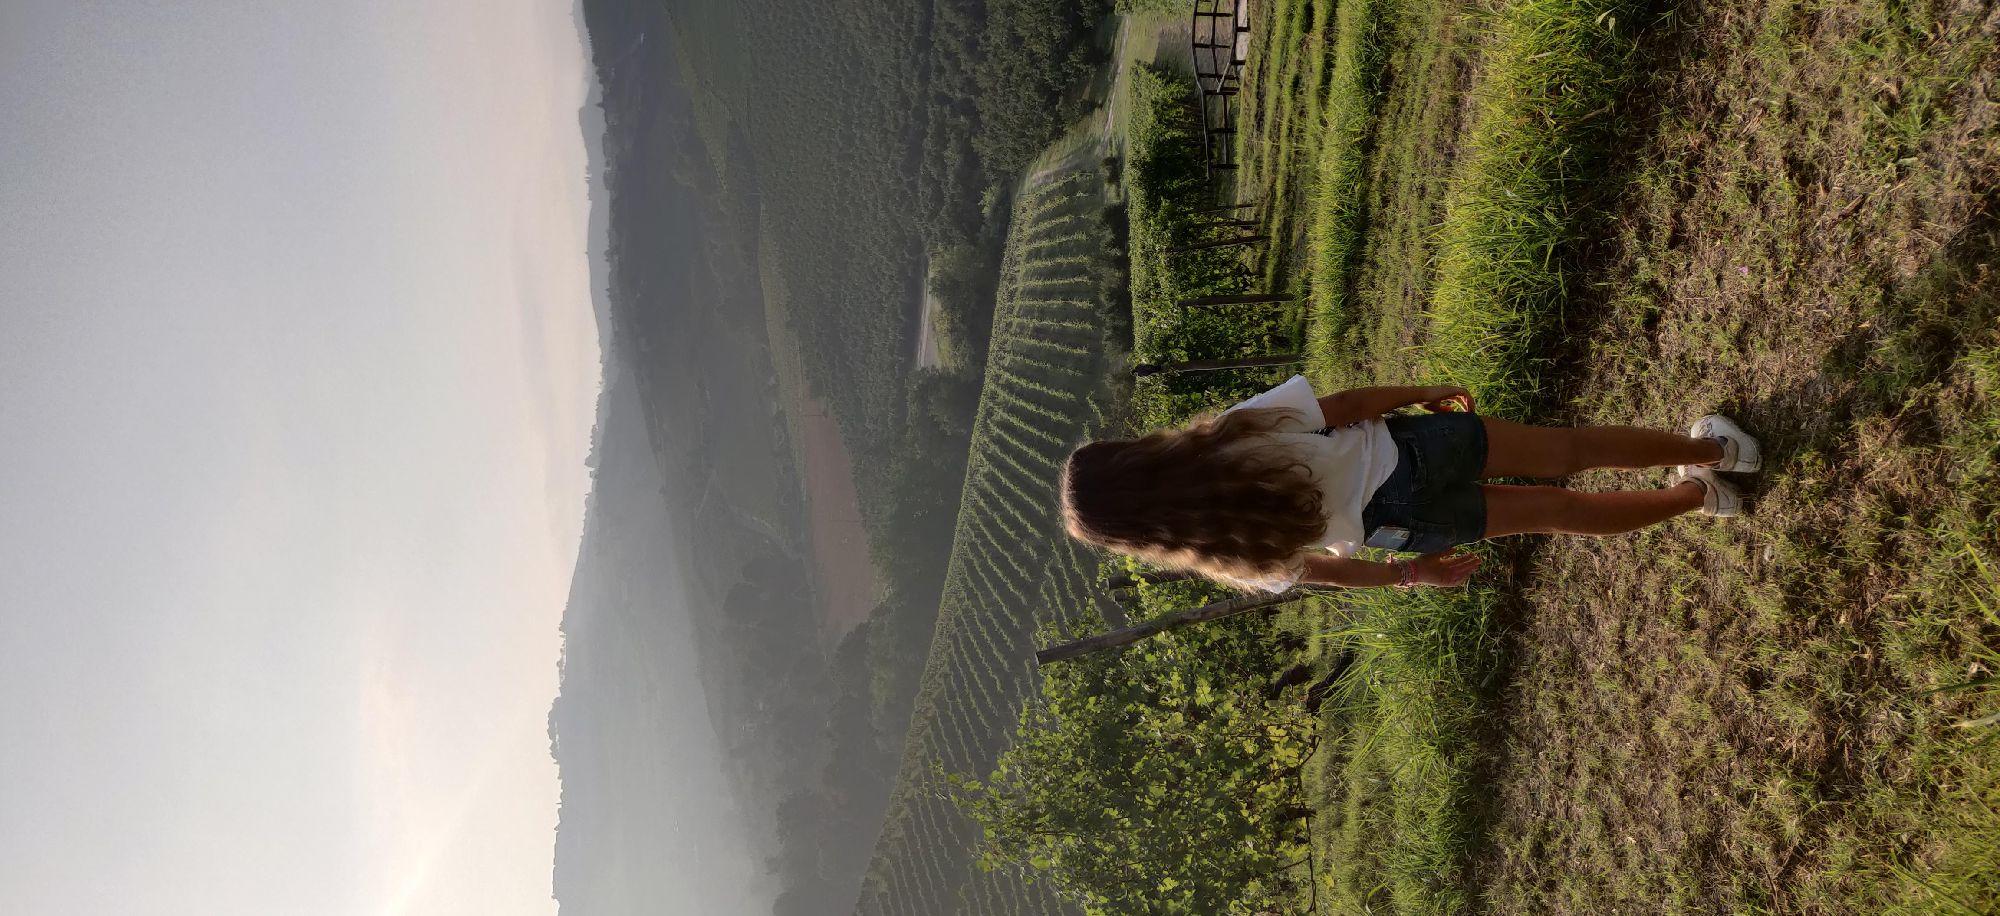 Год назад в Пьемонте мы с рассветом до завтрака вдвоем пошли фотографировать виноградники.